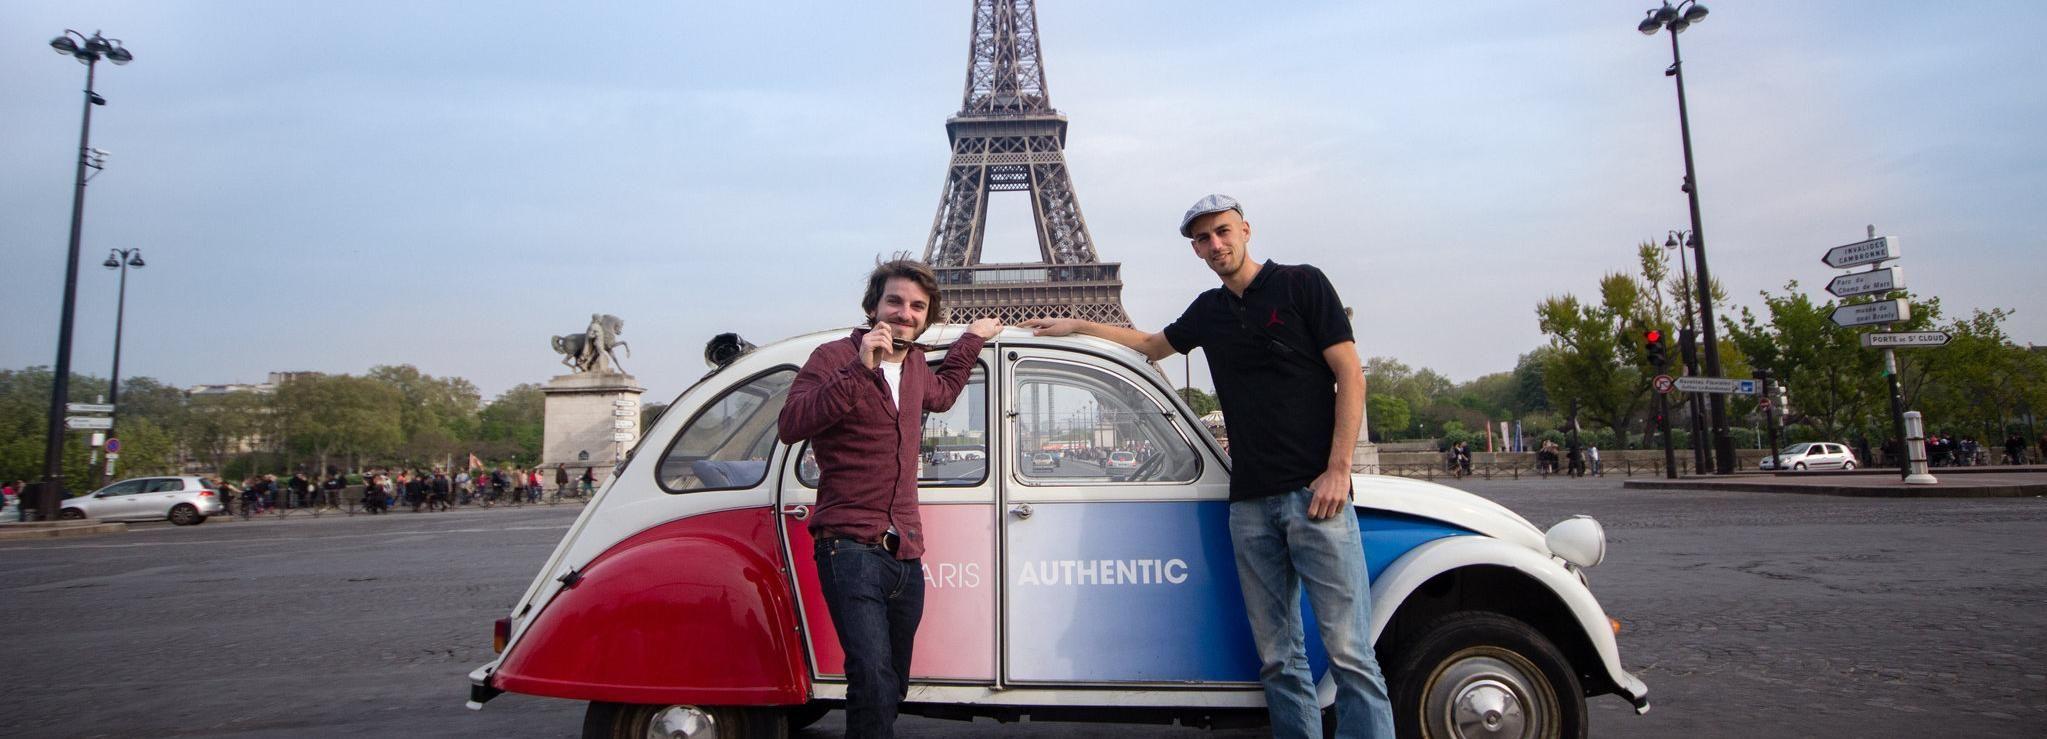 Paris: Classic Sites Tour by Vintage Citroen 2CV